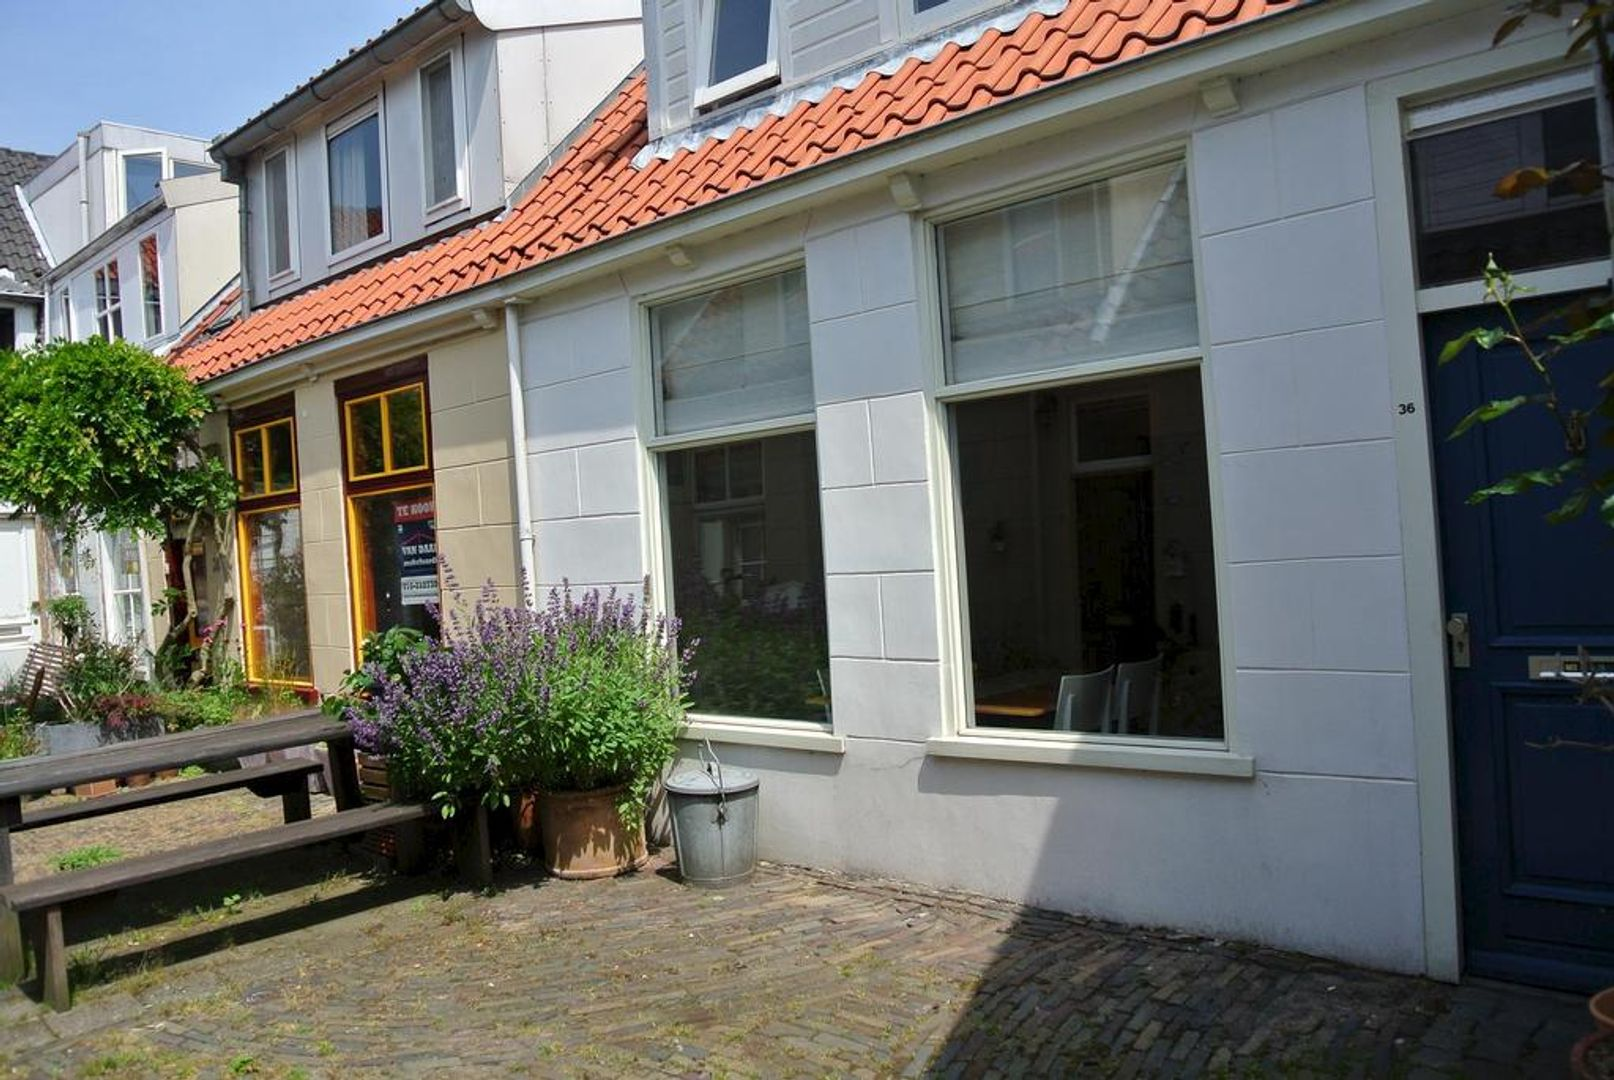 Harmenkokslaan 36, Delft foto-1